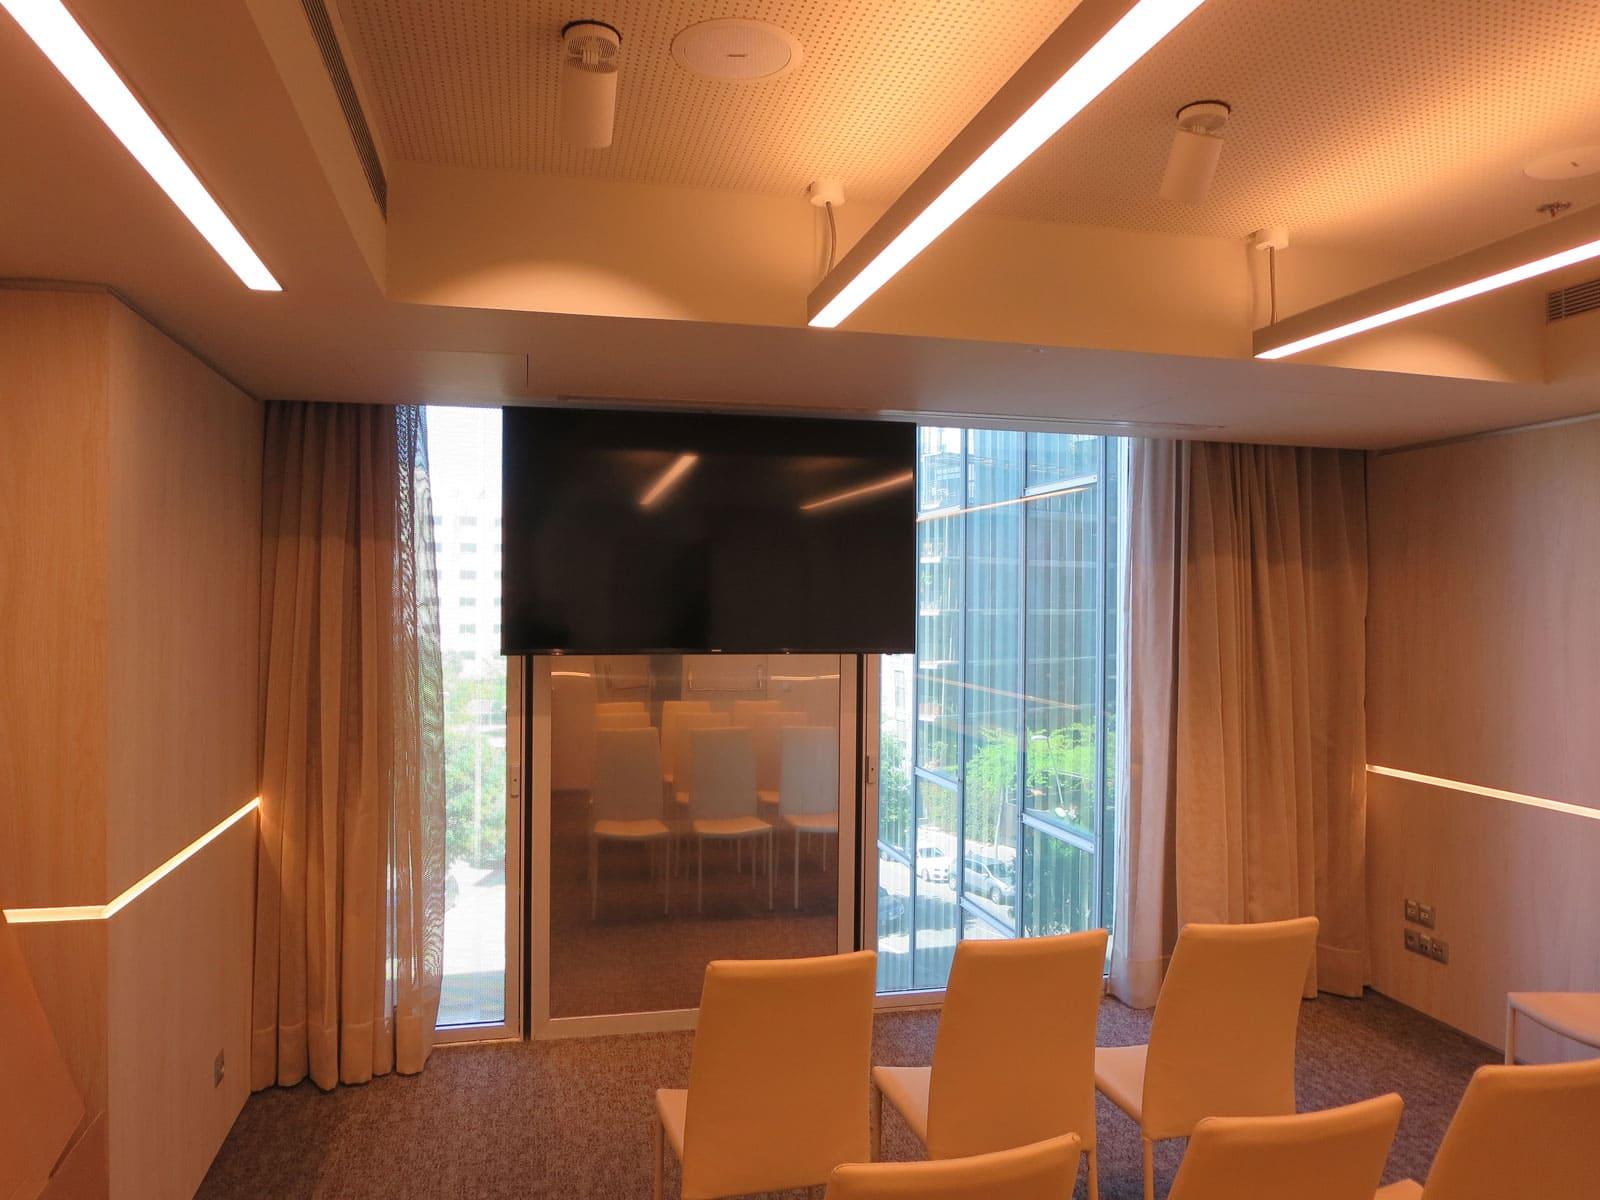 instal·lacions - instalaciones